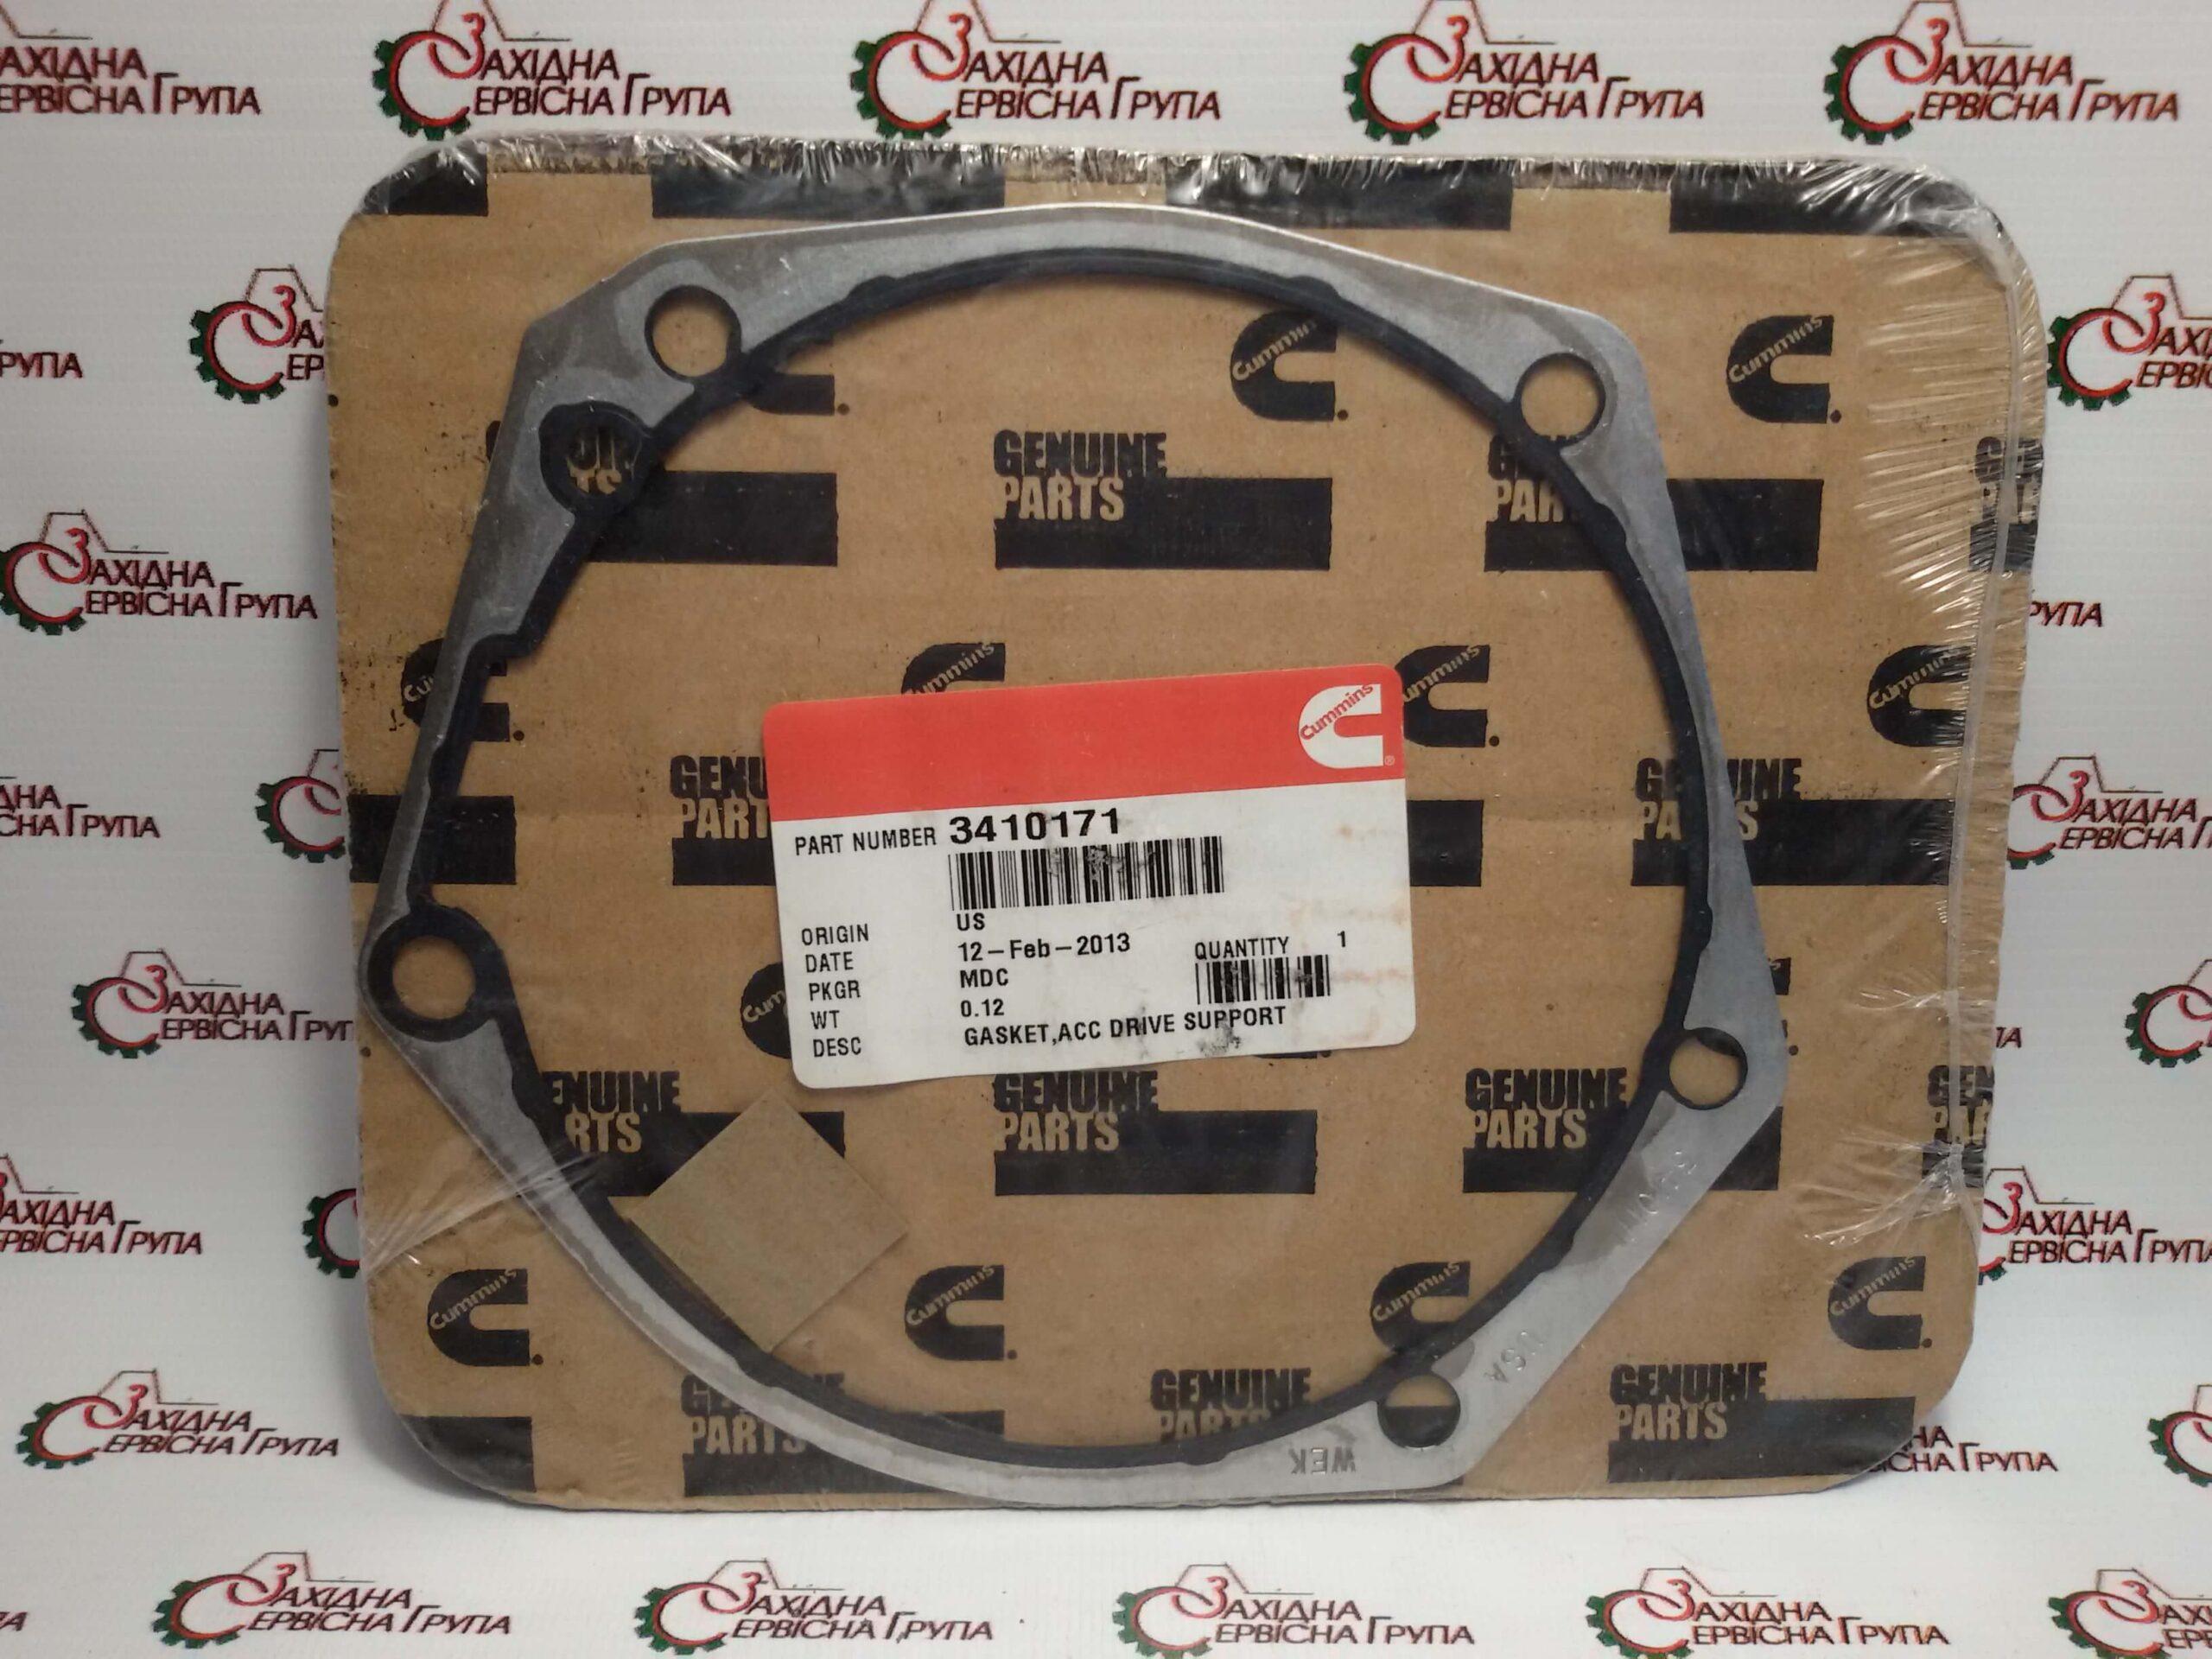 Прокладка опоры привода вспомогательных агрегатов Cummins KTA19, 3410171, 3086202, 3201693, 3200945.